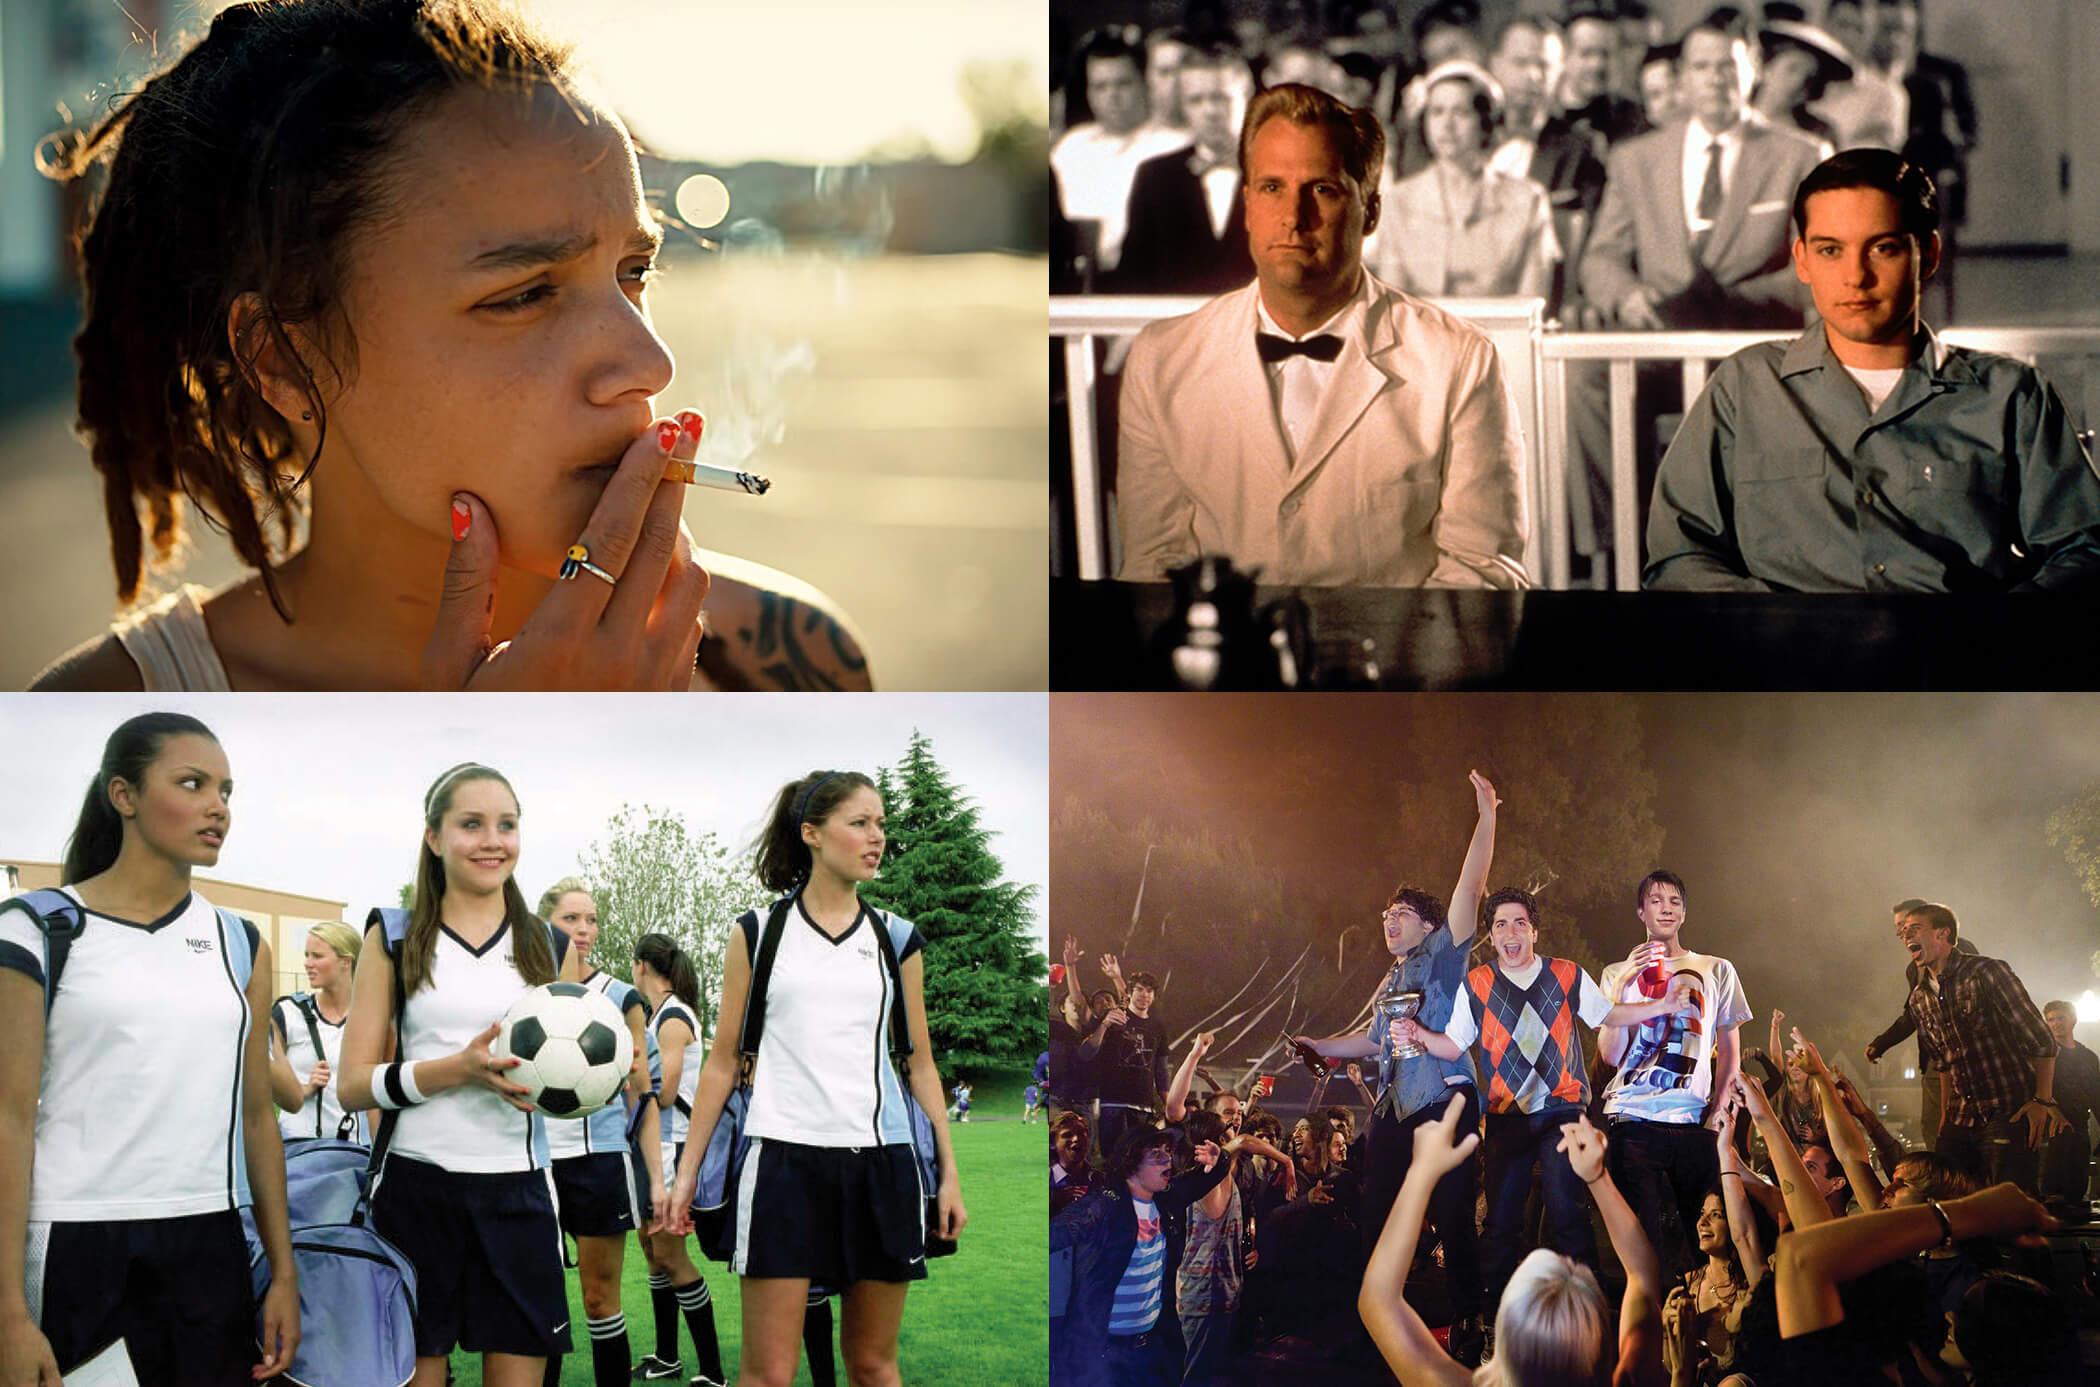 あなたの知らない青春映画の世界。〈後編:おすすめ10作品を紹介!〉